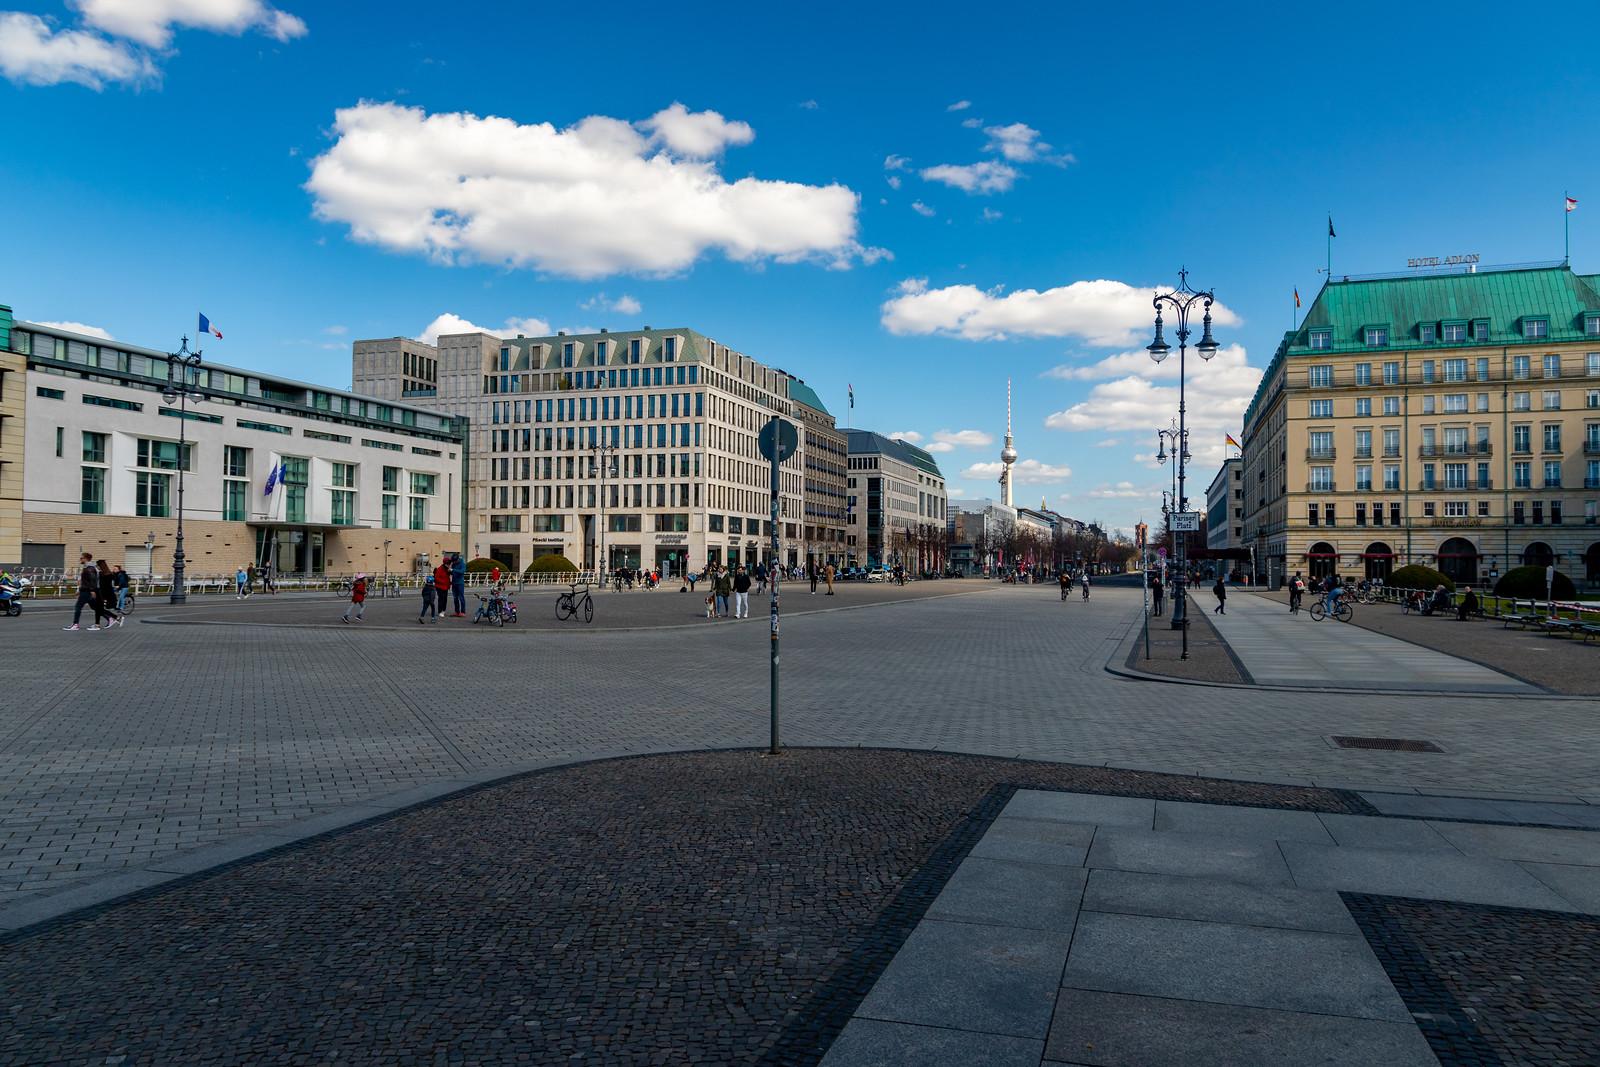 Der Pariser Platz